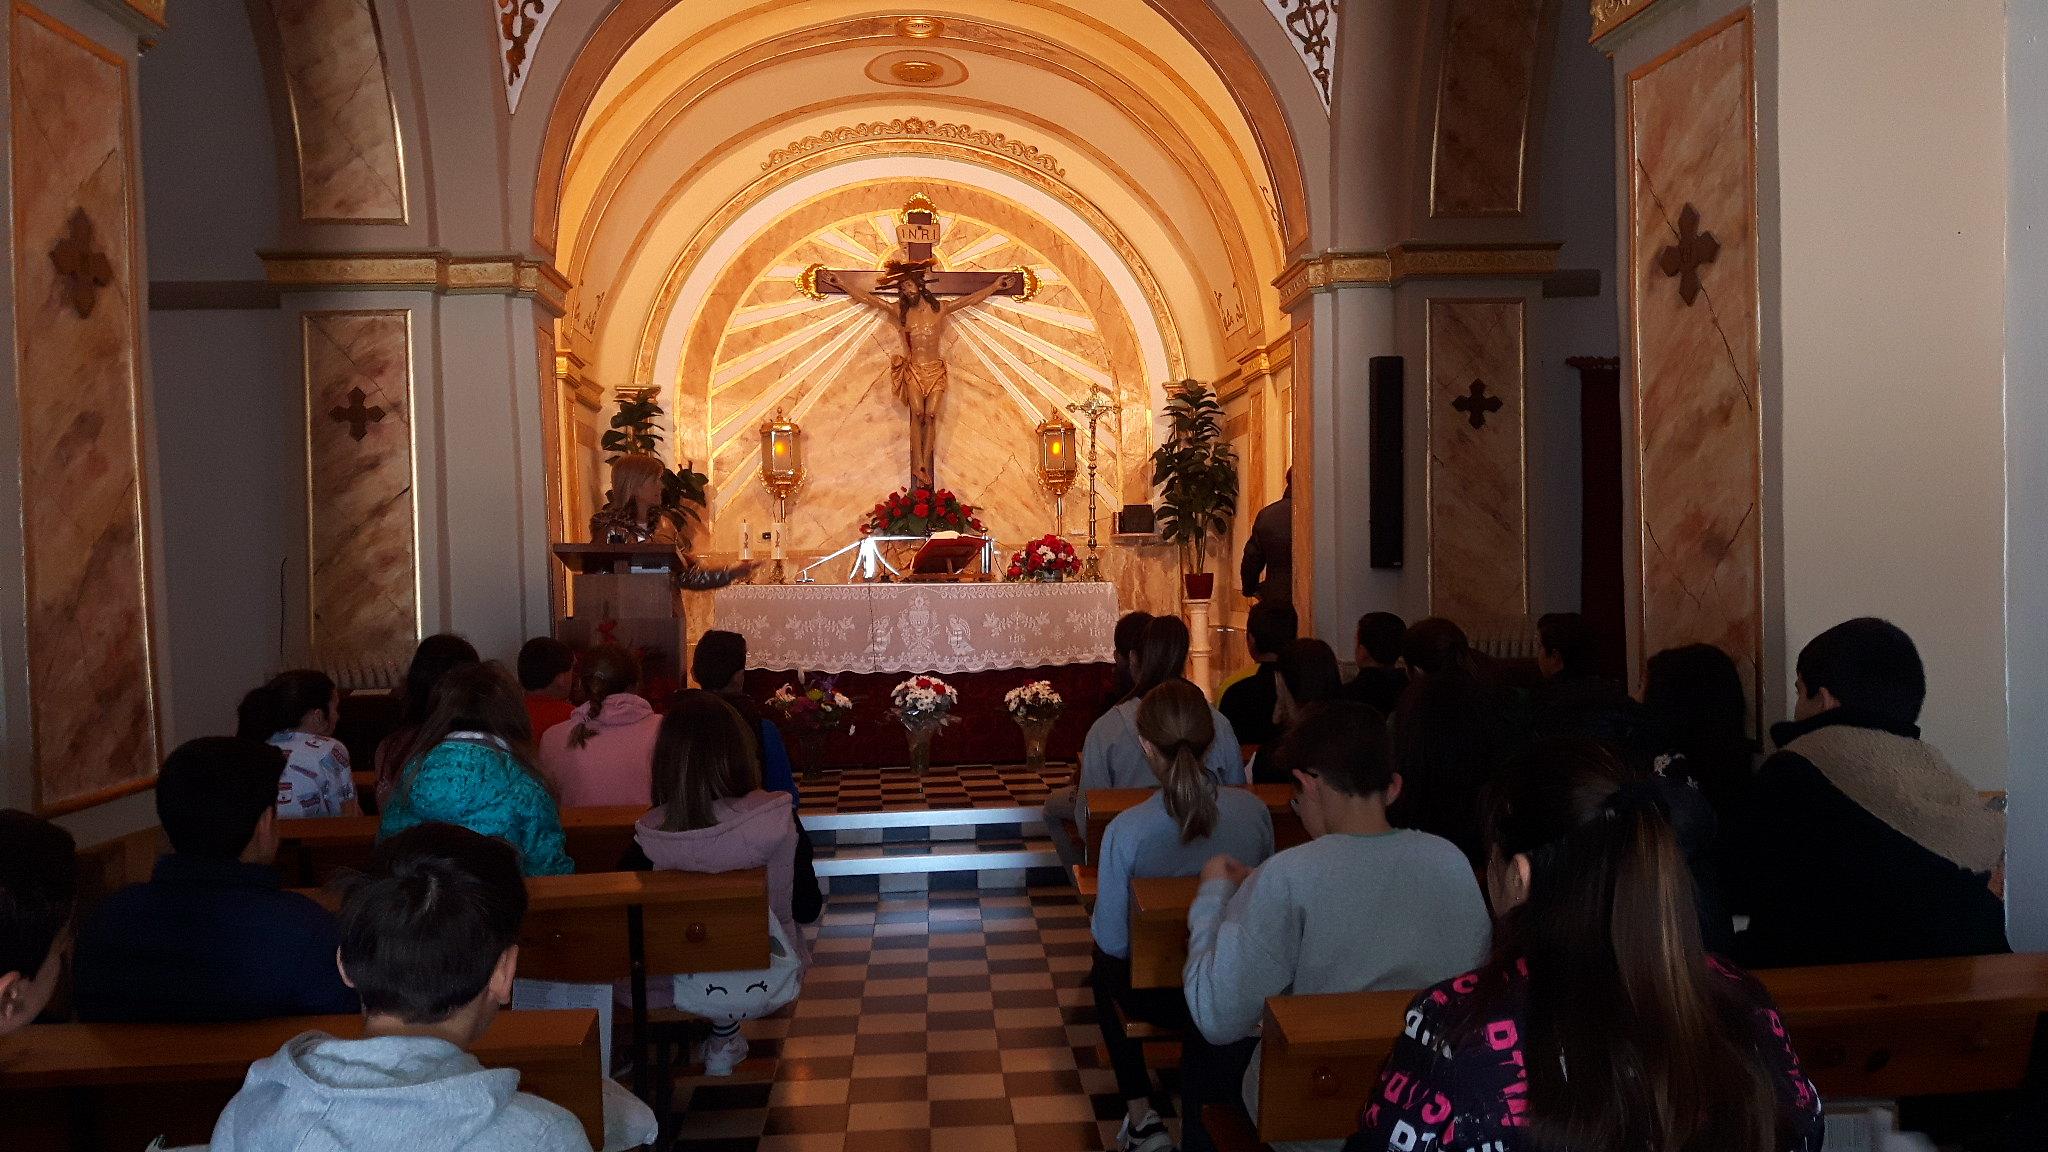 (2019-04-11) Visita ermita alumnos Pilar - 6 primaria -  9 de Octubre - María Isabel Berenguer (01)